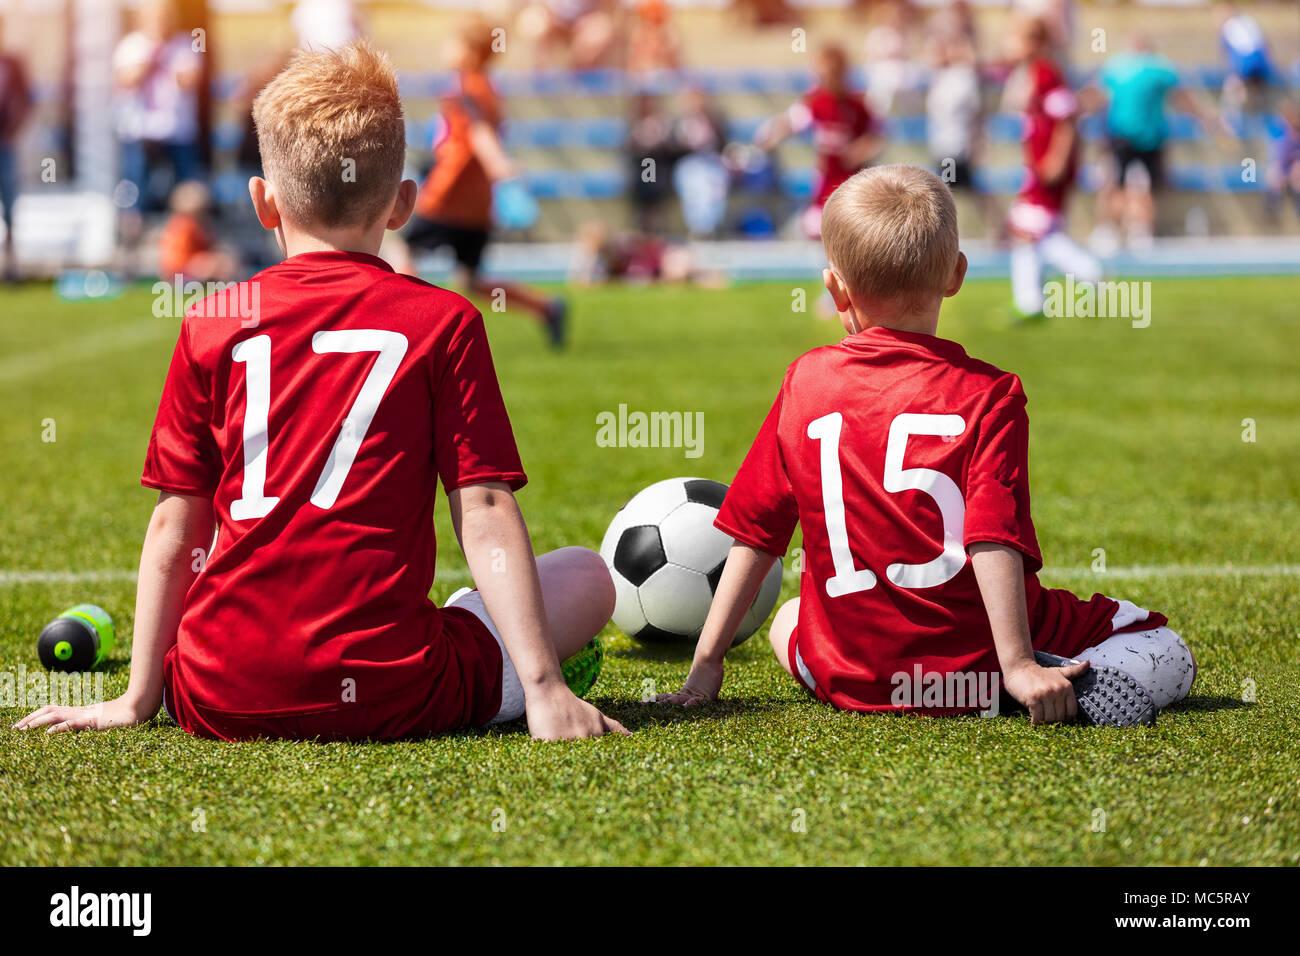 85e696706c2de Entrenamiento de fútbol para niños. Los muchachos sentados en campo de  fútbol y Ver juego